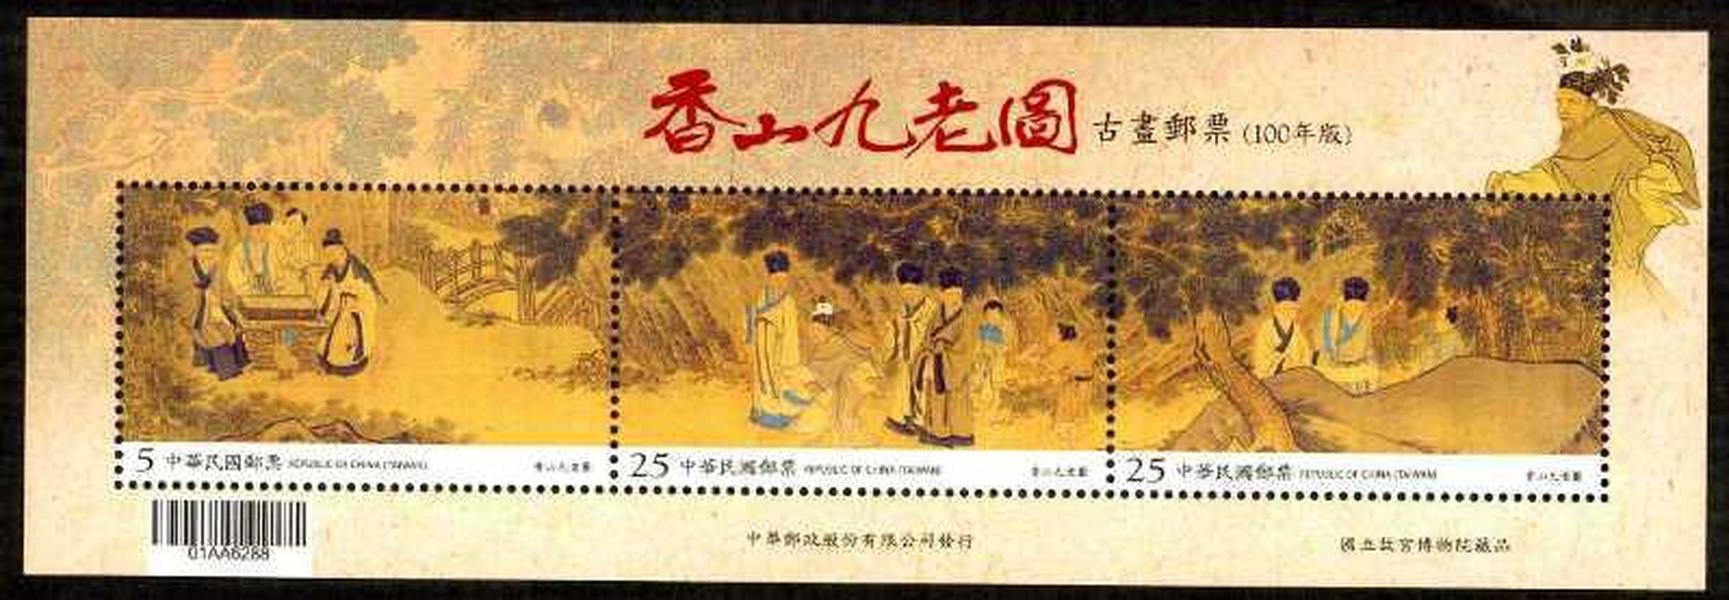 宝岛佳邮:古画系列 特564M  香山九老图古画邮票(100年版)小全张 两枚一组  发行数量:90万套 【实物原图】